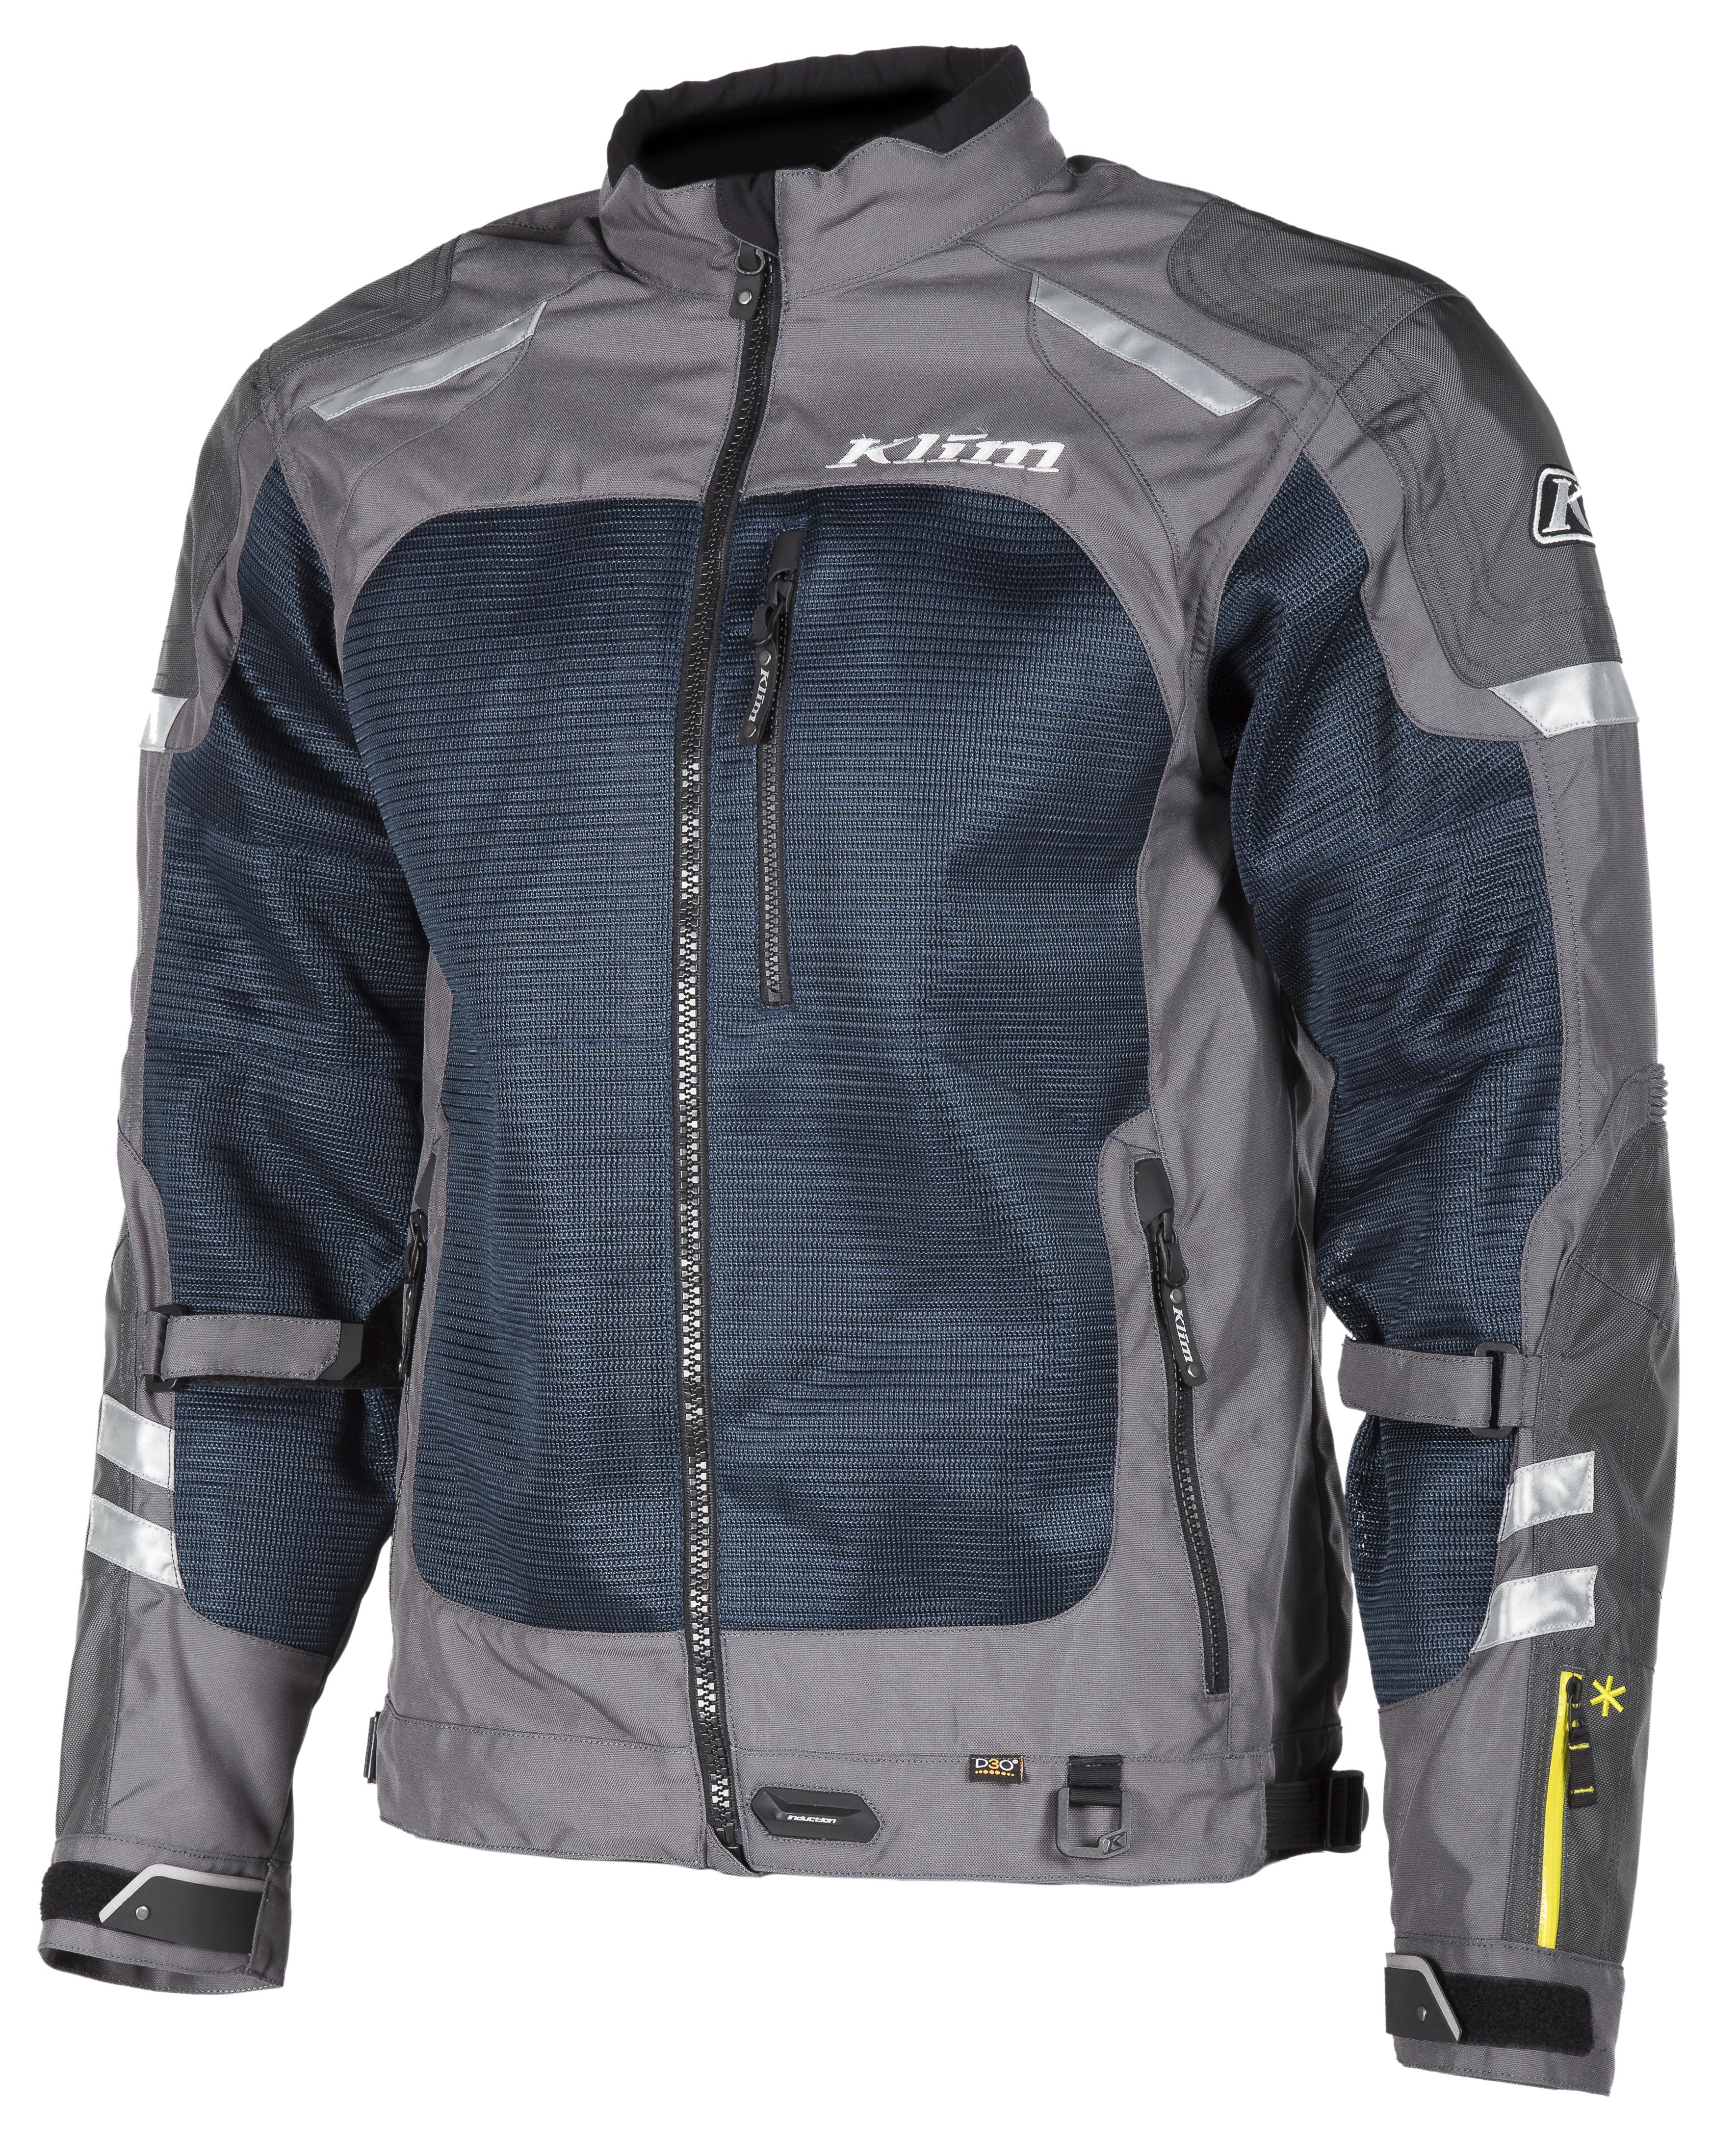 5060-001-200 Induction Jacket